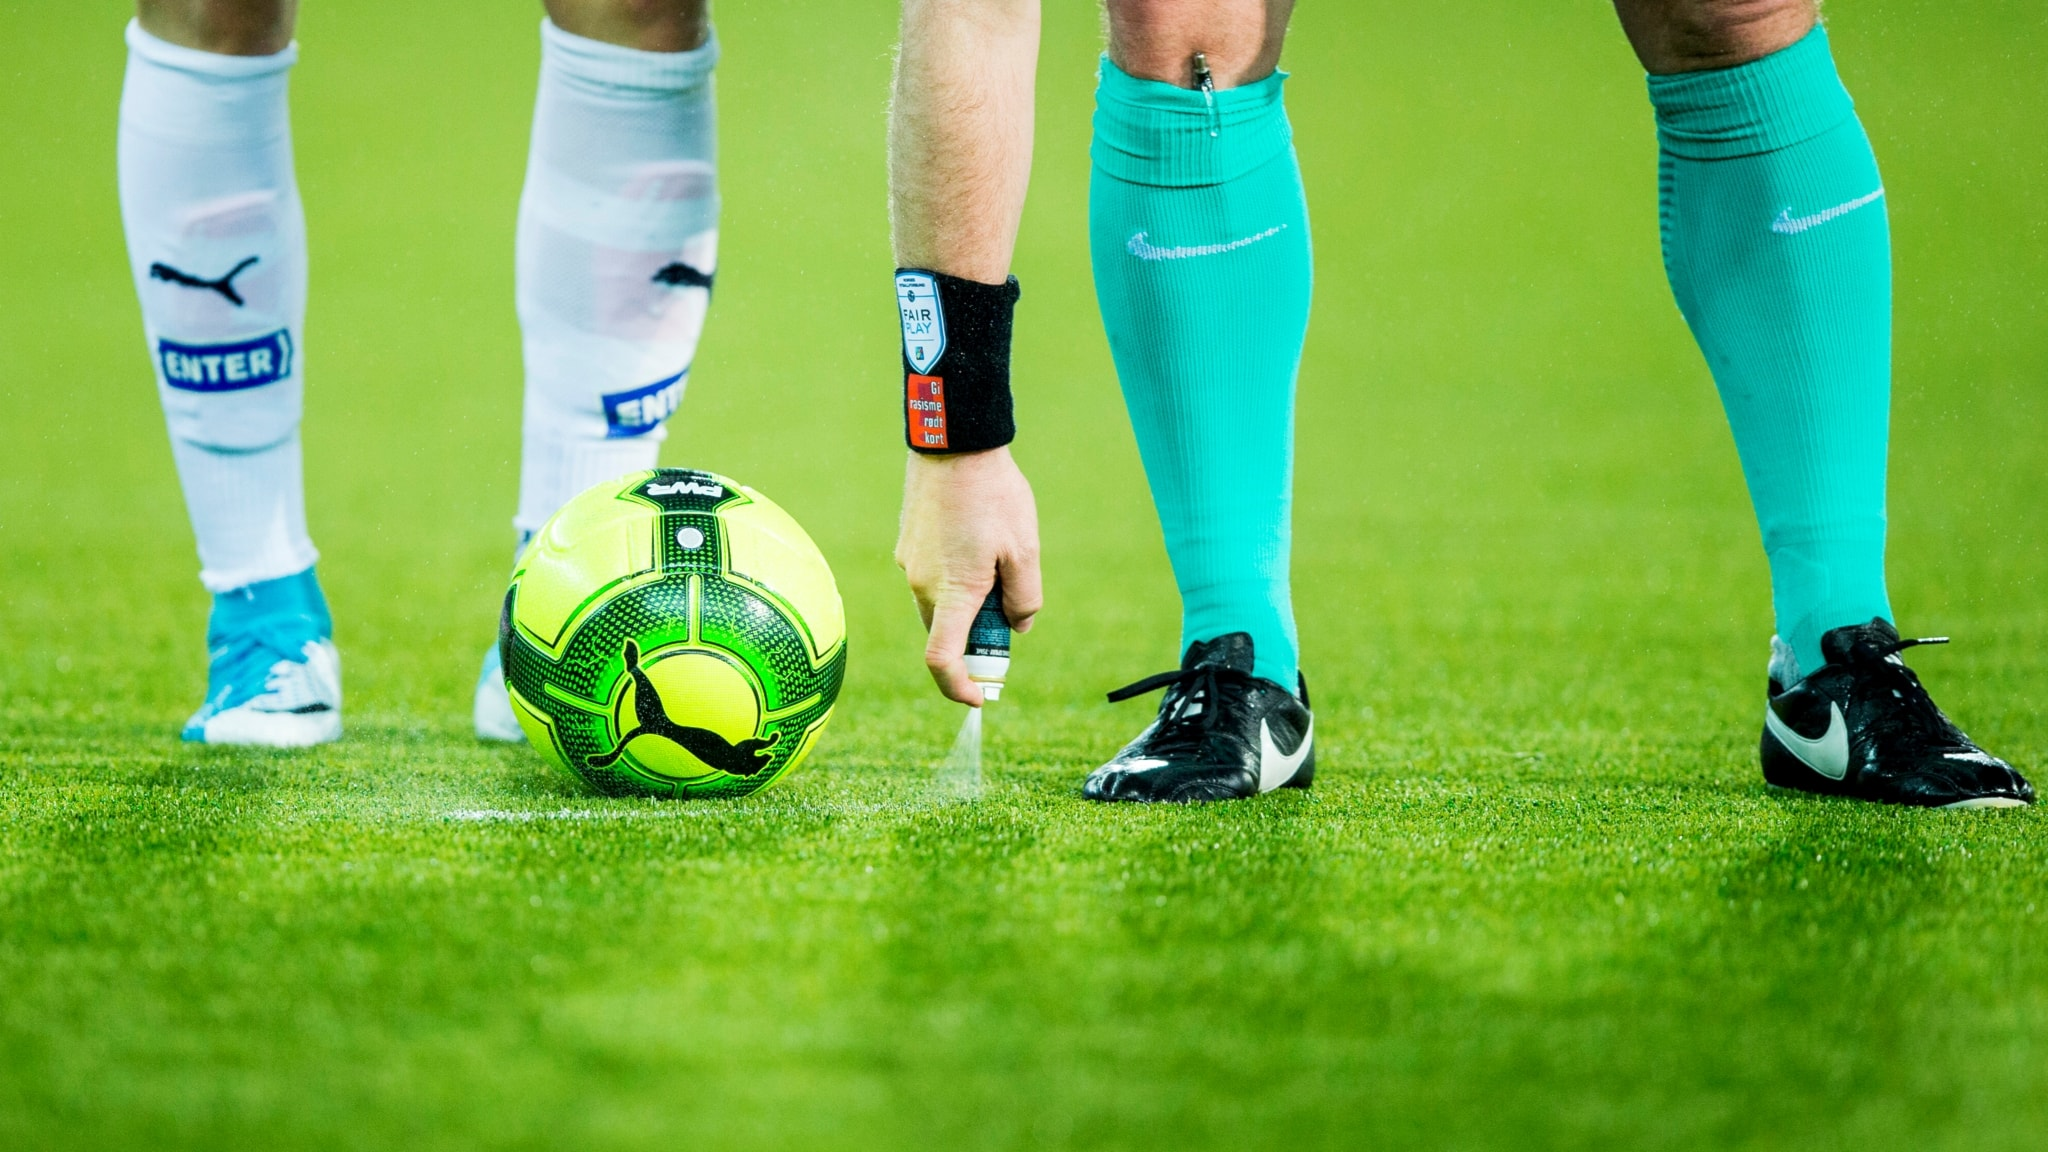 Förslag på nya regler inom fotbollen